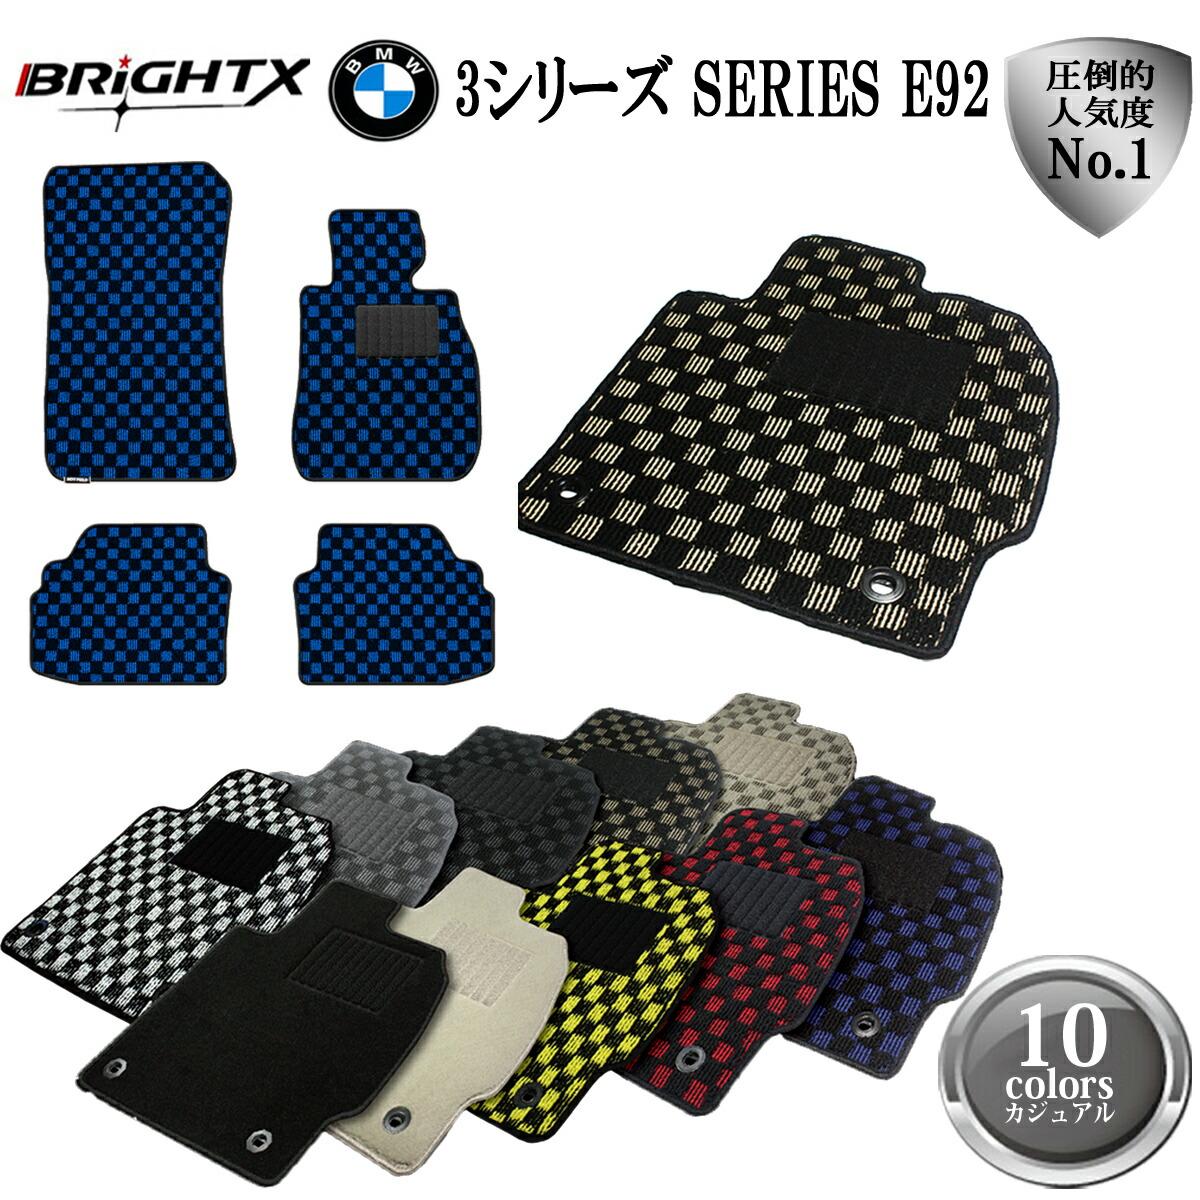 BMW 3シリーズ E92 クーペ フロアマット 4点セット 右ハンドル H17.04~H26.02 カジュアルクラス BRiGHTX社製カーマット 掃除 洗浄 防止 車 おすすめ おしゃれ ふかふか かわいい 洗い方 車 アクセサリー カー用品 車用品 車用